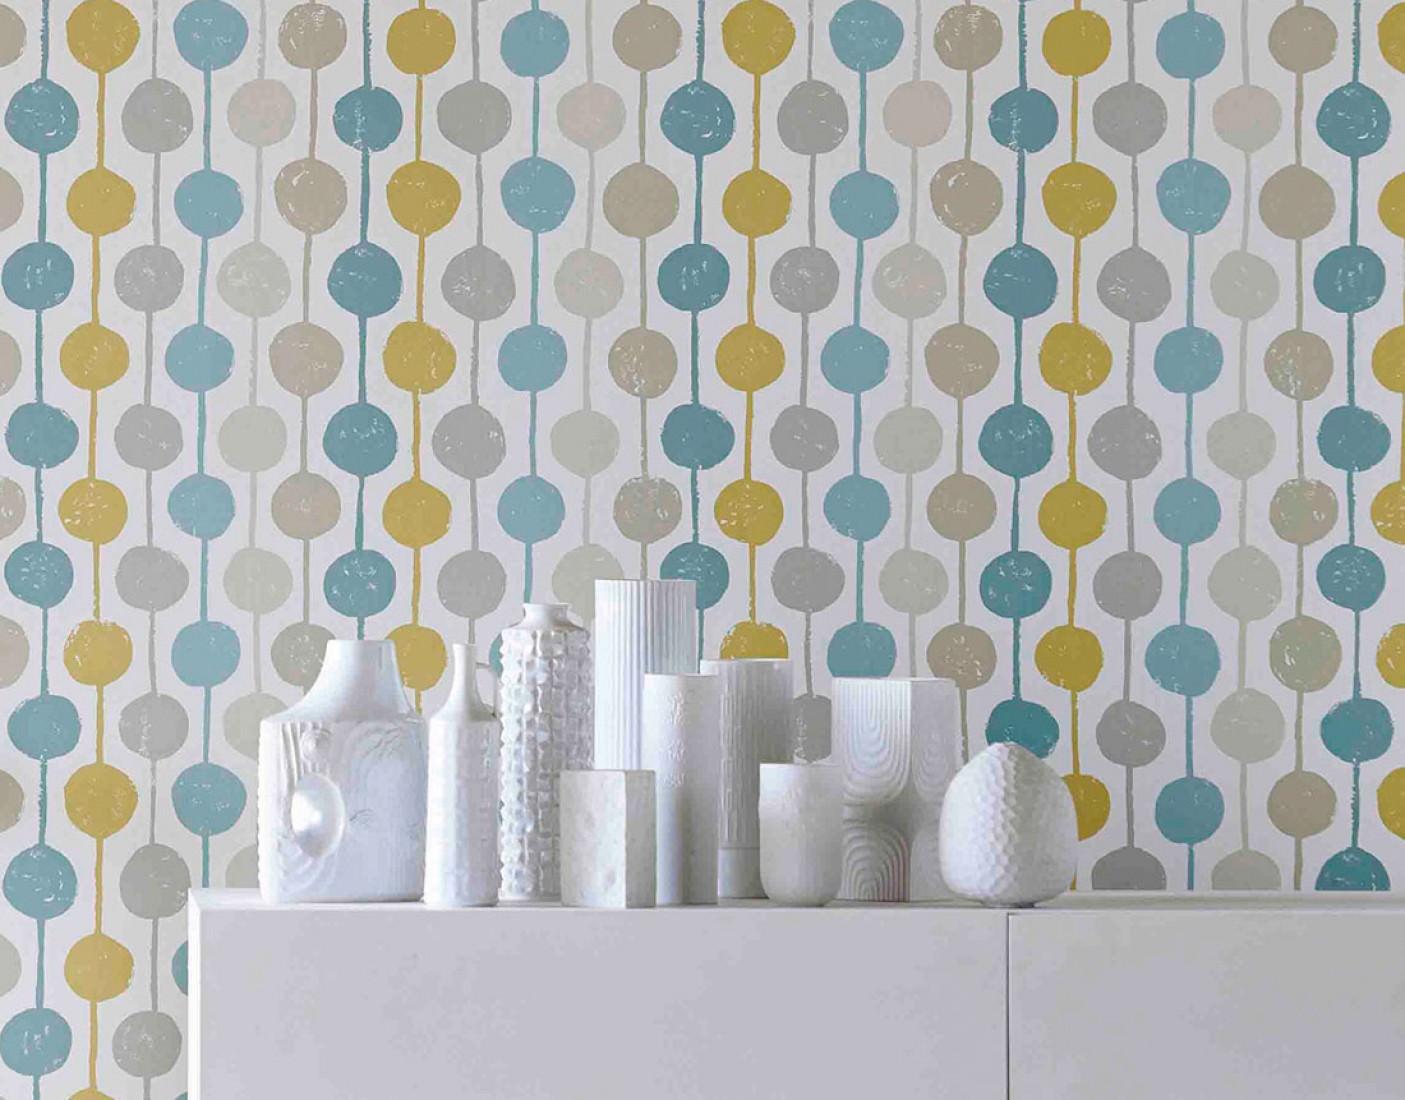 Wallpaper almeda cream beige mint turquoise ochre for Parati anni 70